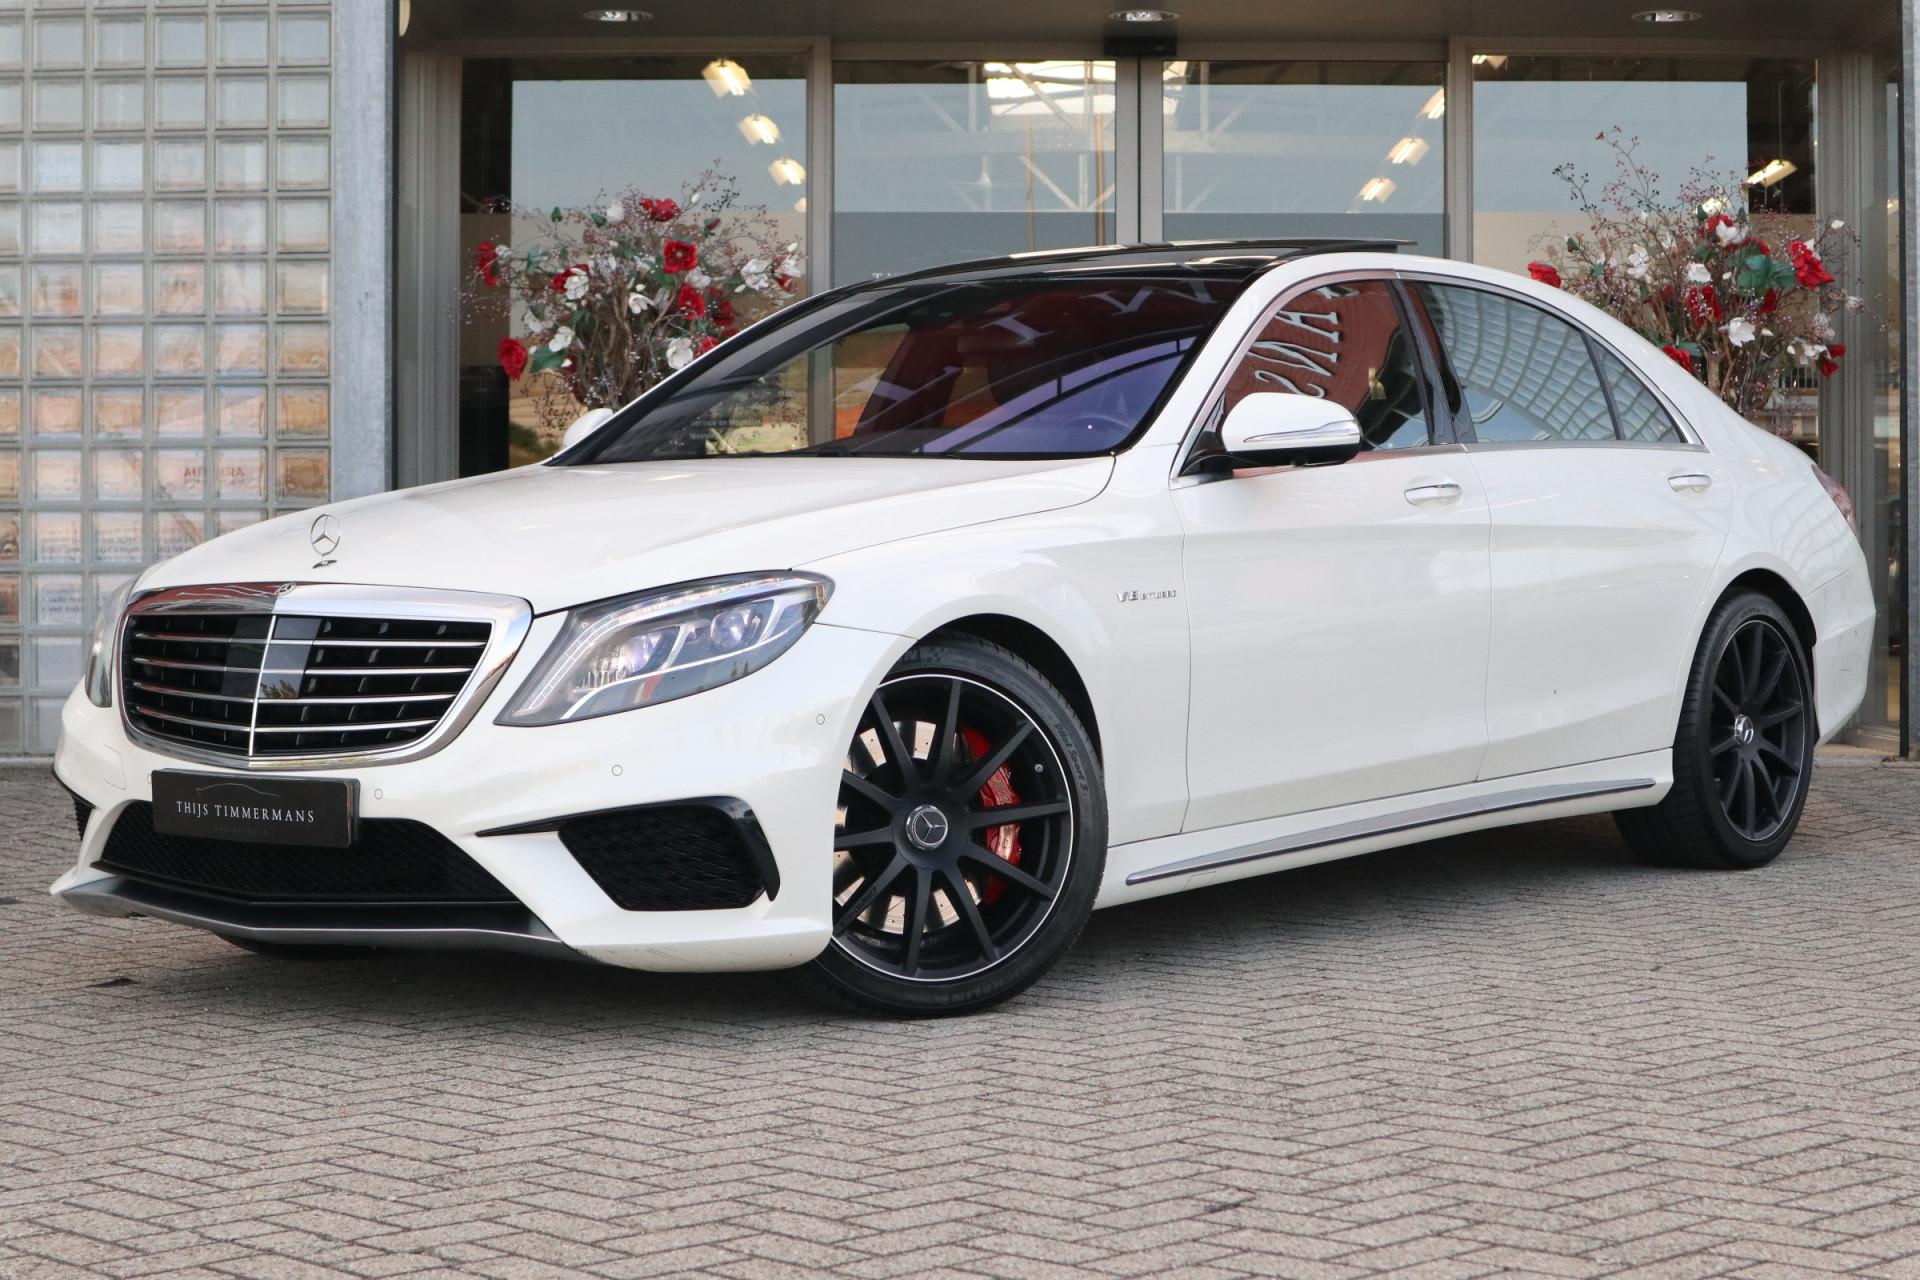 Tweedehands Mercedes-Benz S-Klasse AMG 2014 occasion